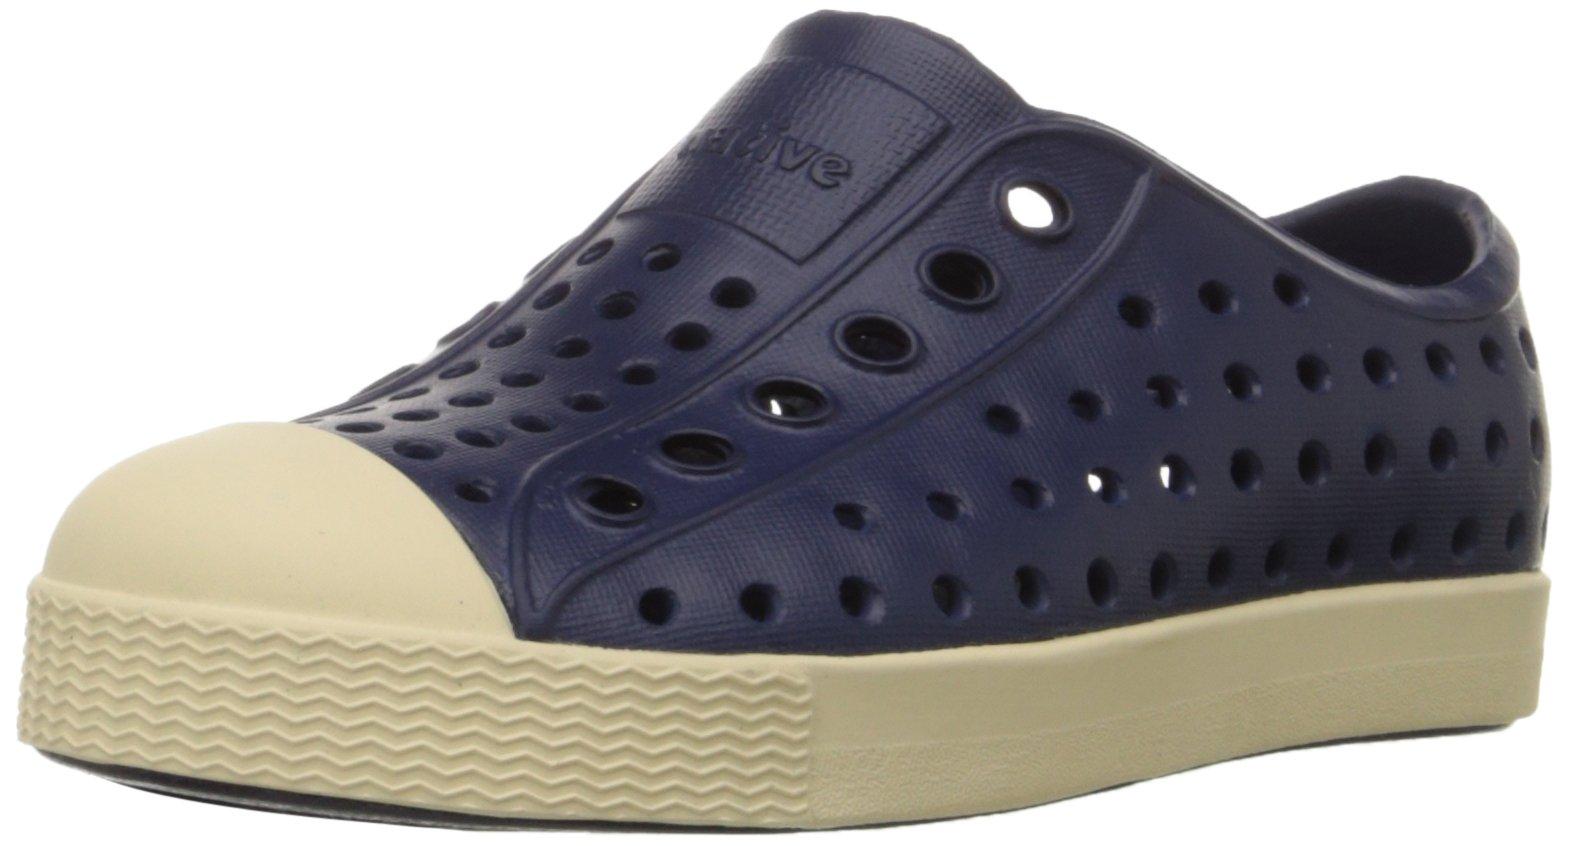 Native Jefferson Slip-On Sneaker,Regatta Blue,12 M US Little Kid by Native Shoes